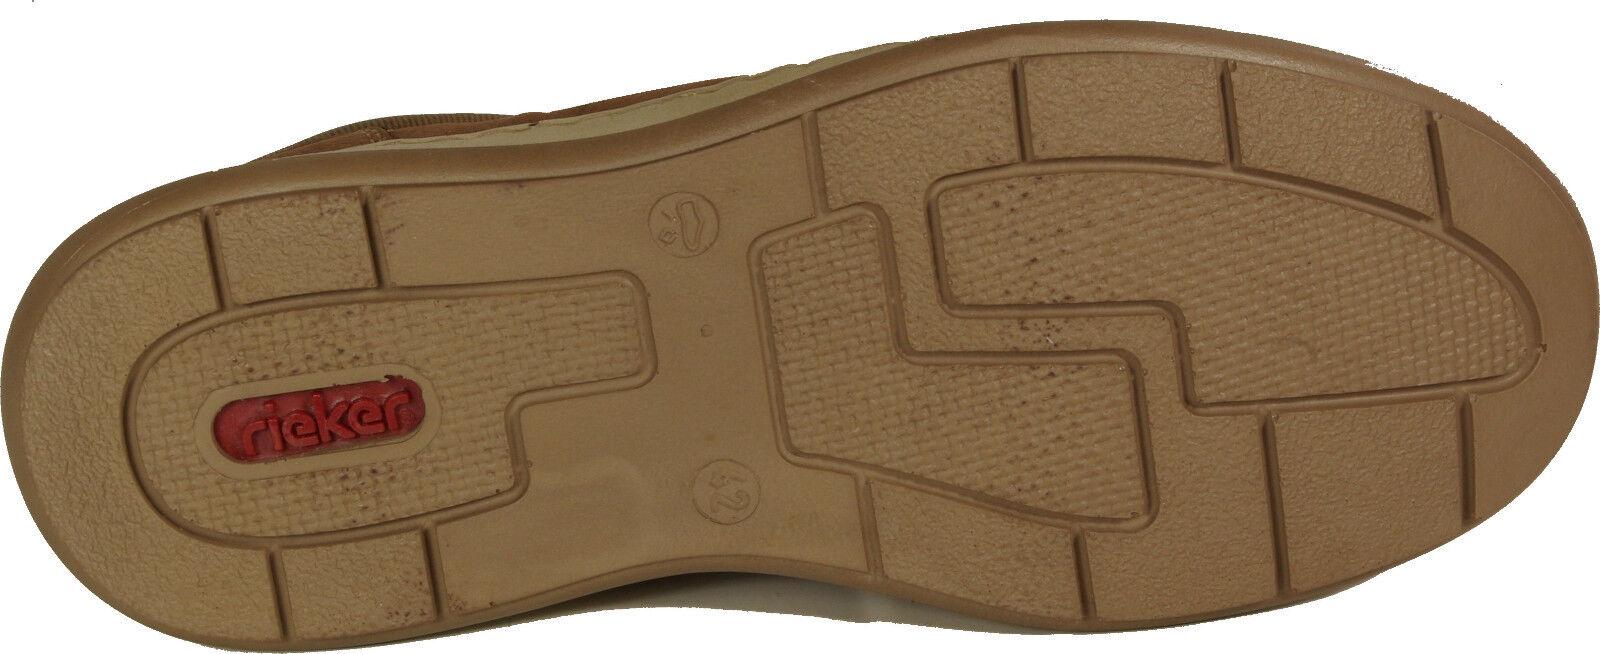 Schnellen Transport Herrenschuh | Nike Air Max 97 JDI AT8437